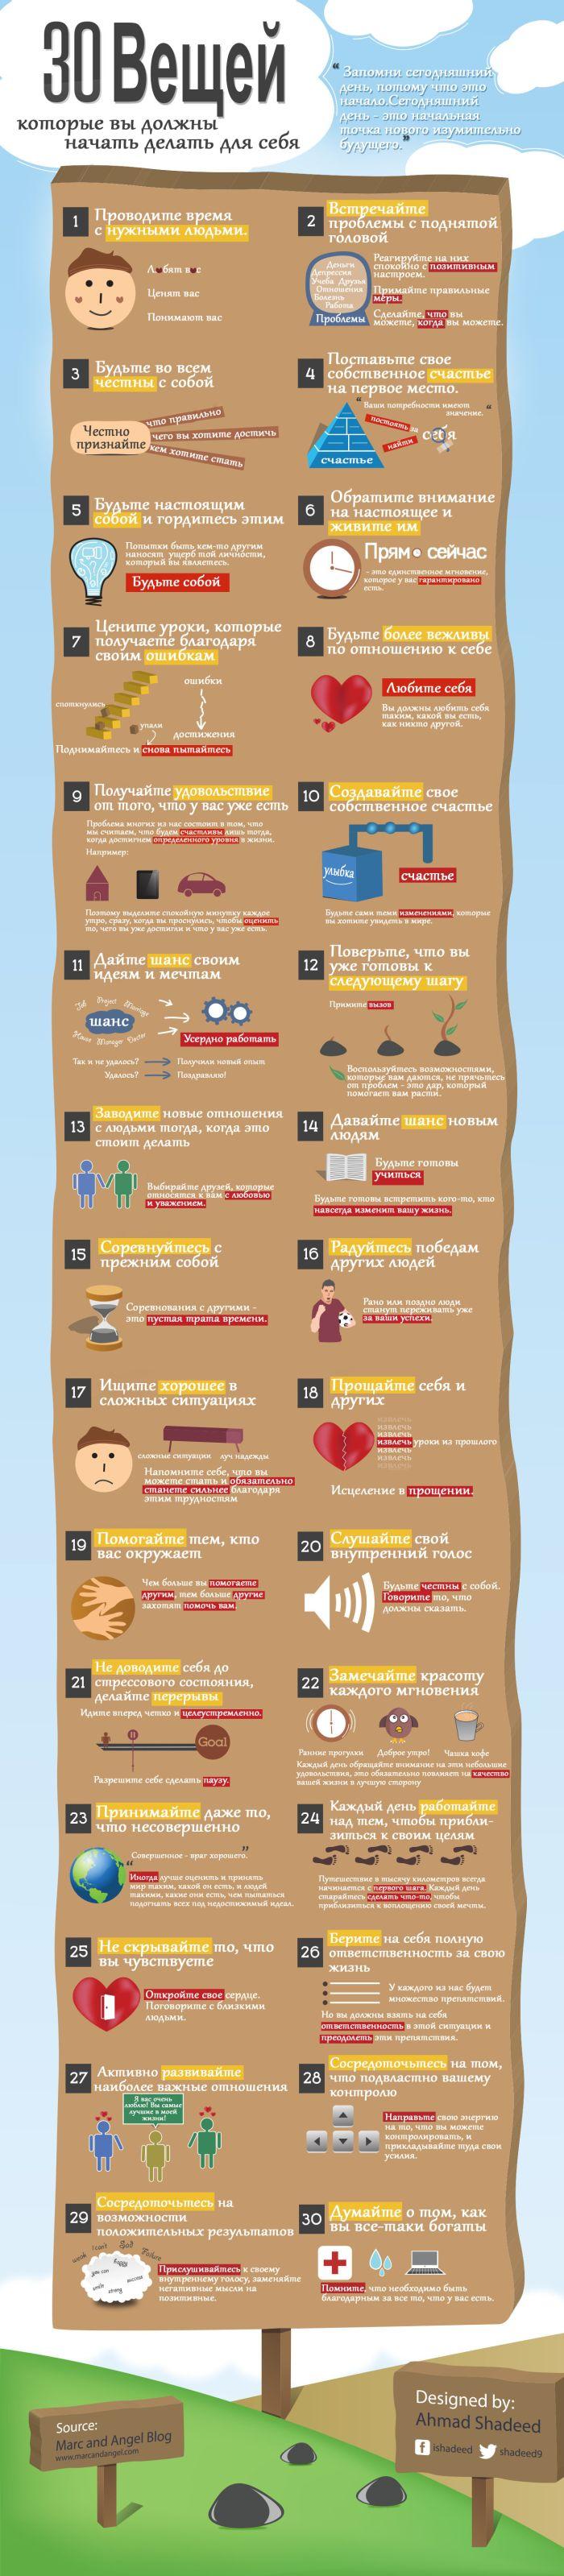 30 вещей, которые сделают вашу жизнь лучше (1 картинка)